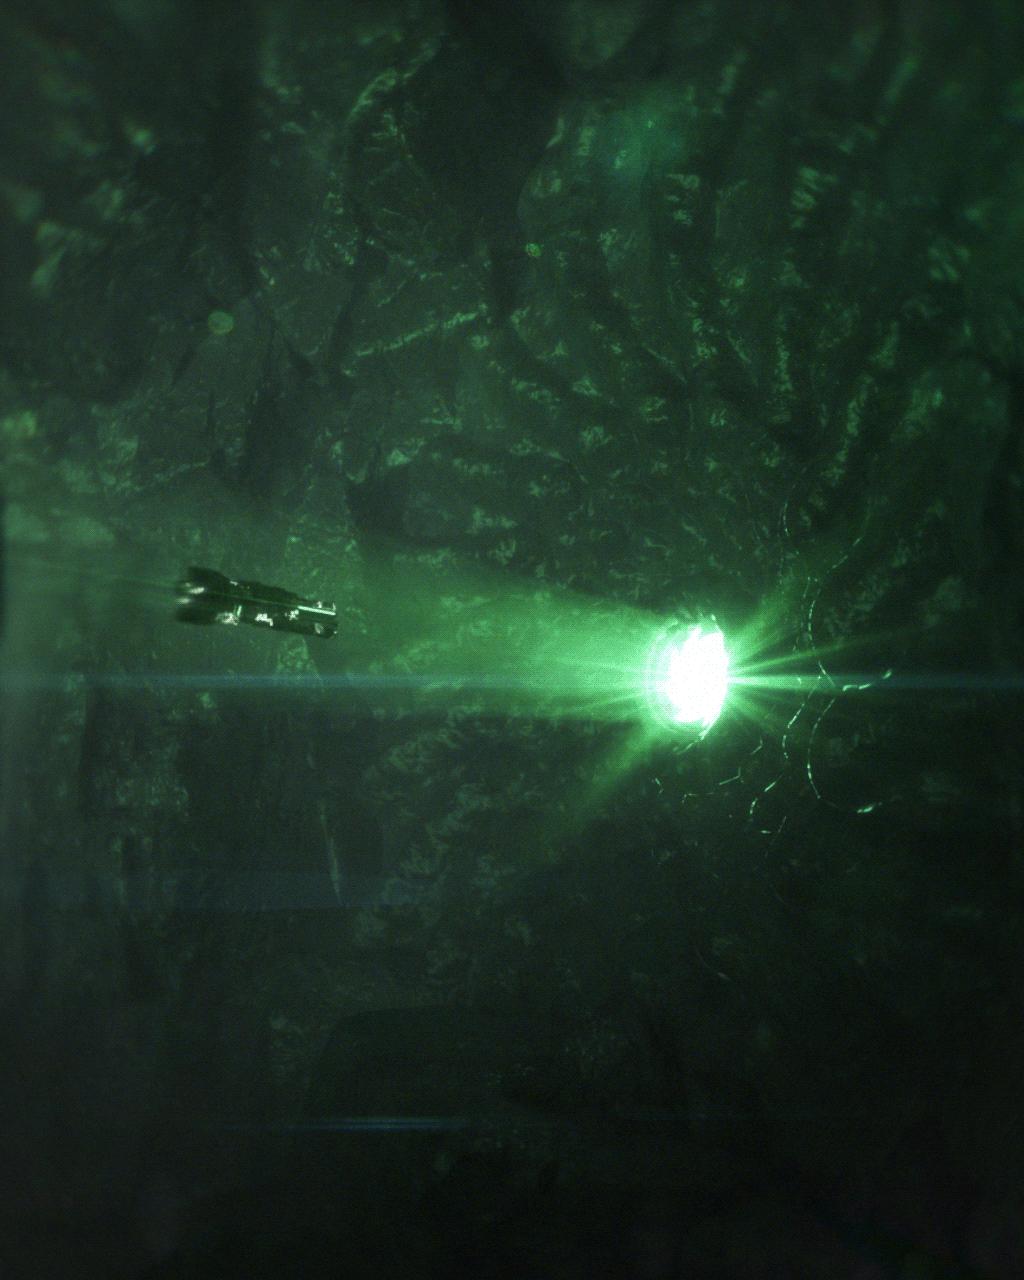 Image may contain: light, aquarium and underwater